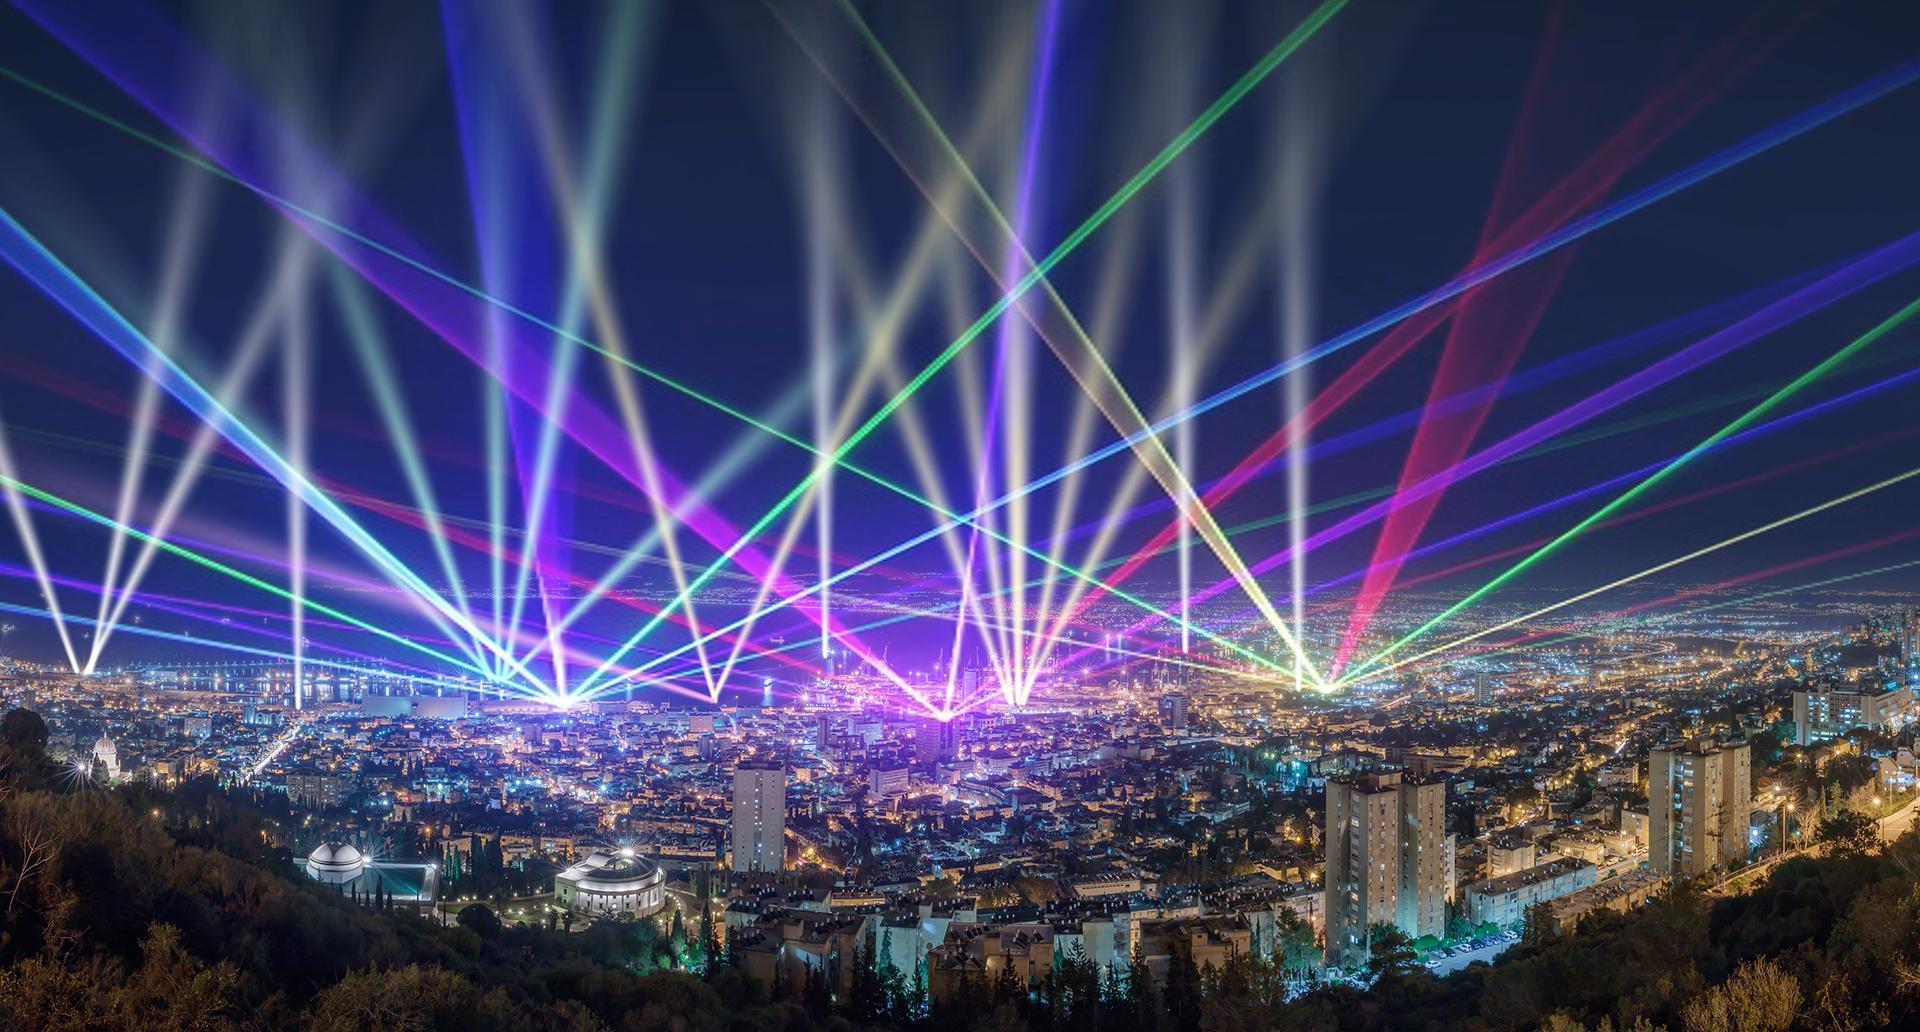 מופע אור-קולי (הדמיה: חברת OG אדריכלים)